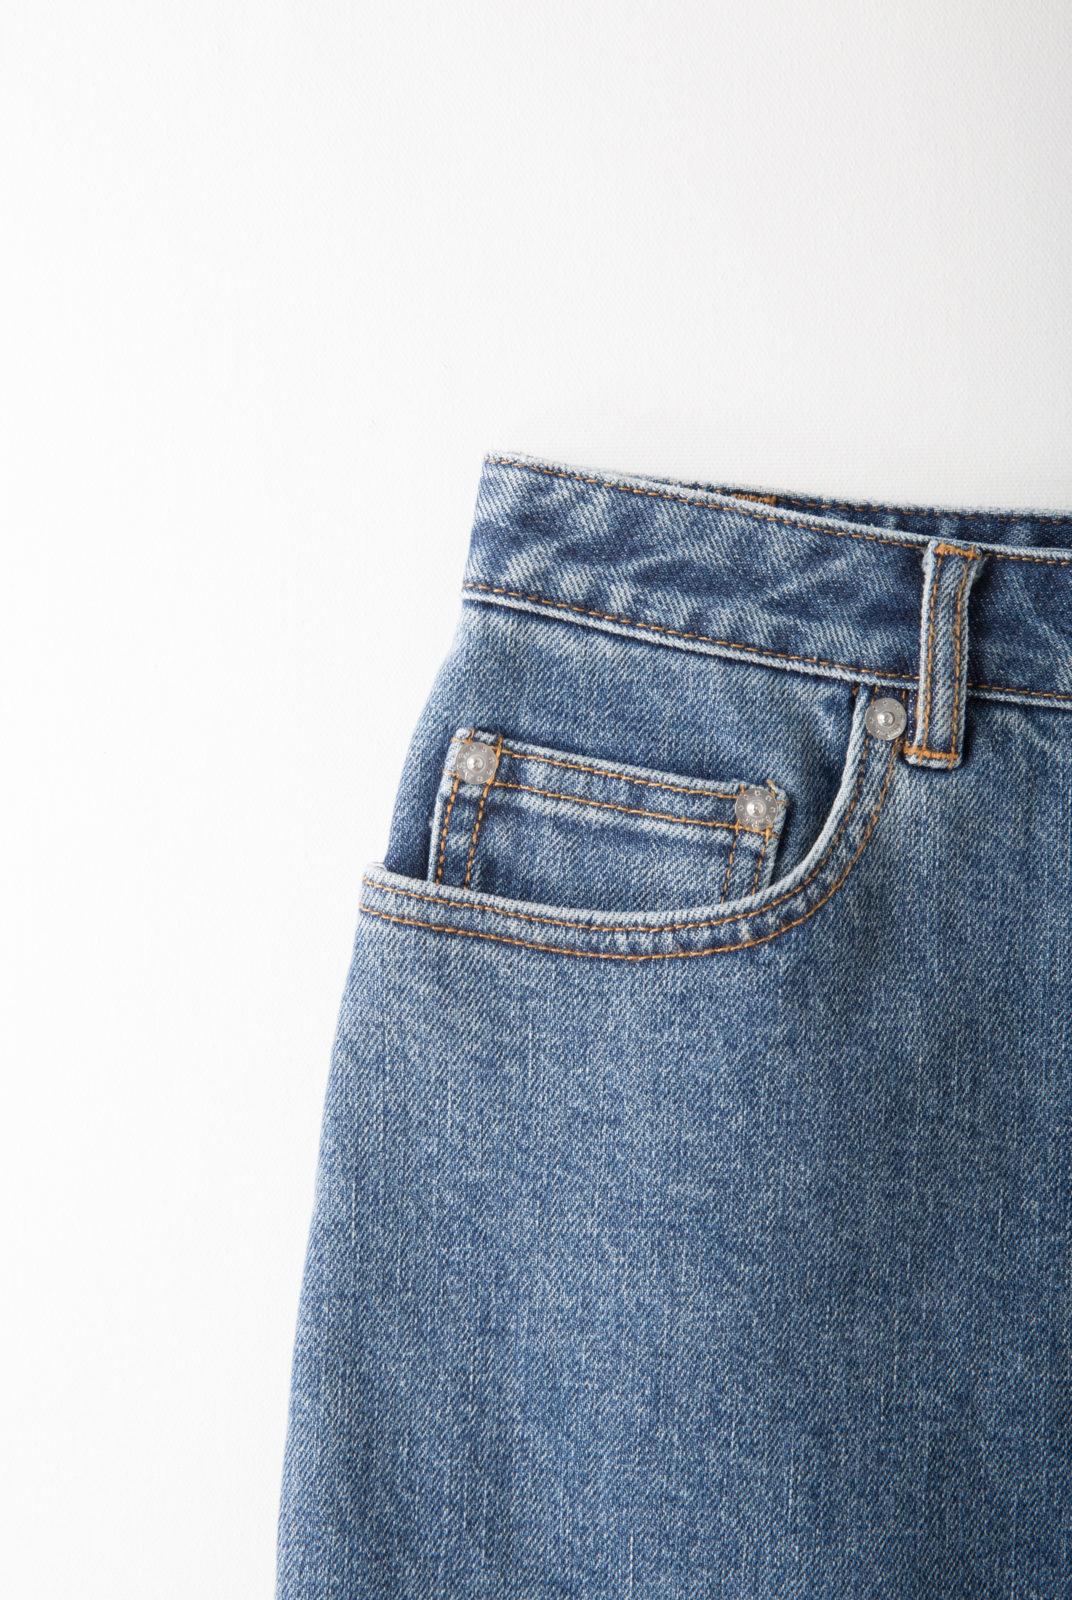 jupe, denim stretch japonais, coupe courte, évasée, taille haute, apc